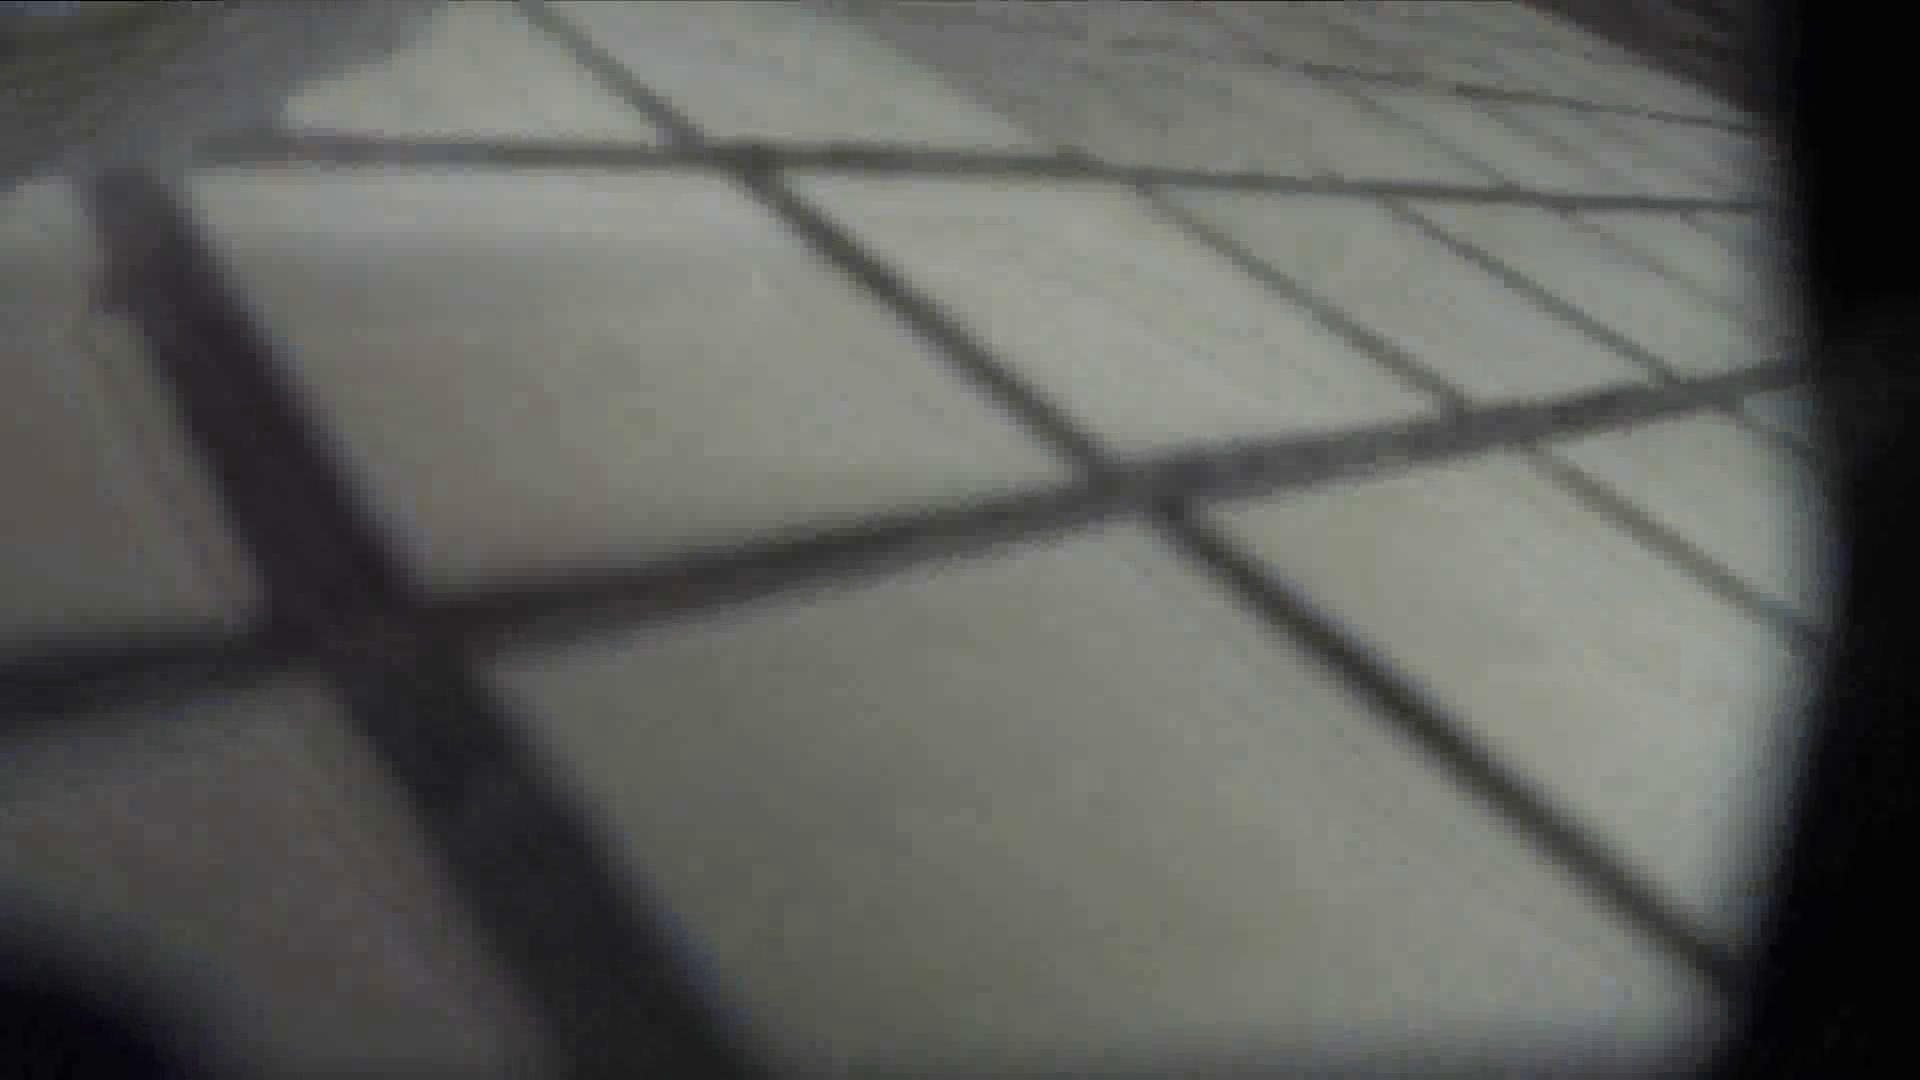 洗面所特攻隊 vol.016 ナナメな方 洗面所 | OLの実態  36pic 31